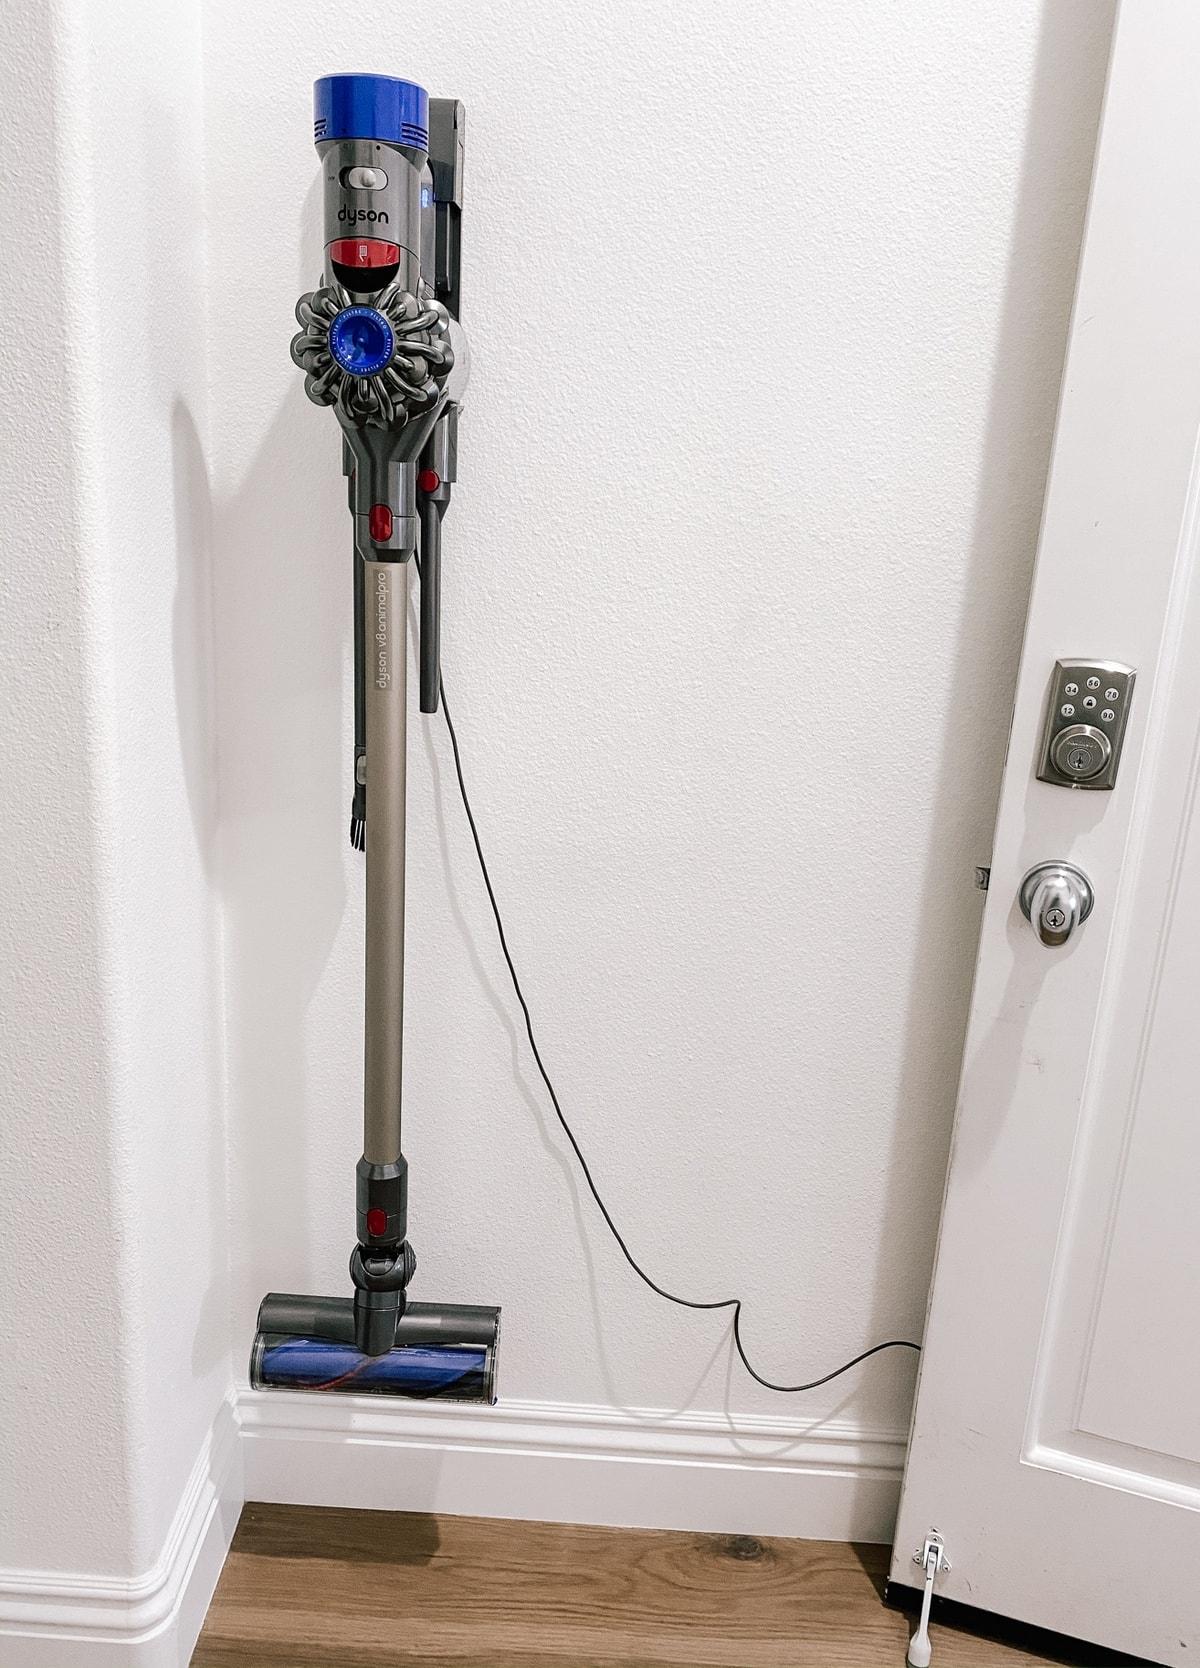 dyson v8 animal cordfree vacuum QVC shopping